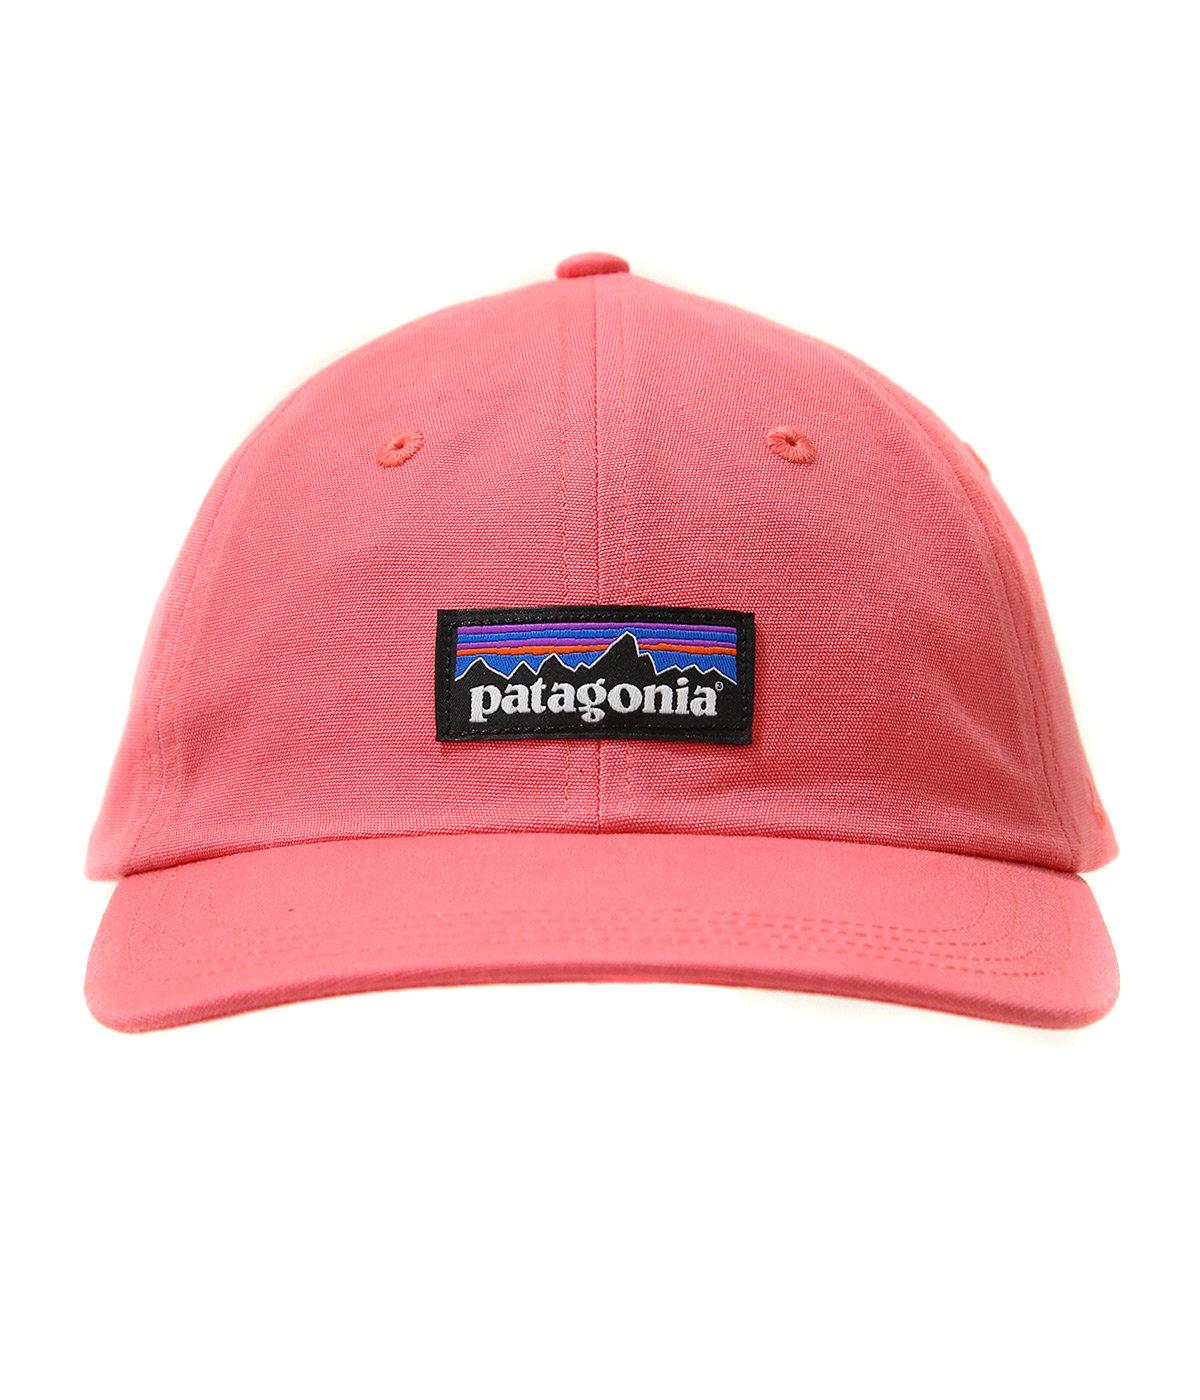 P-6 Label Trad Cap - Hats